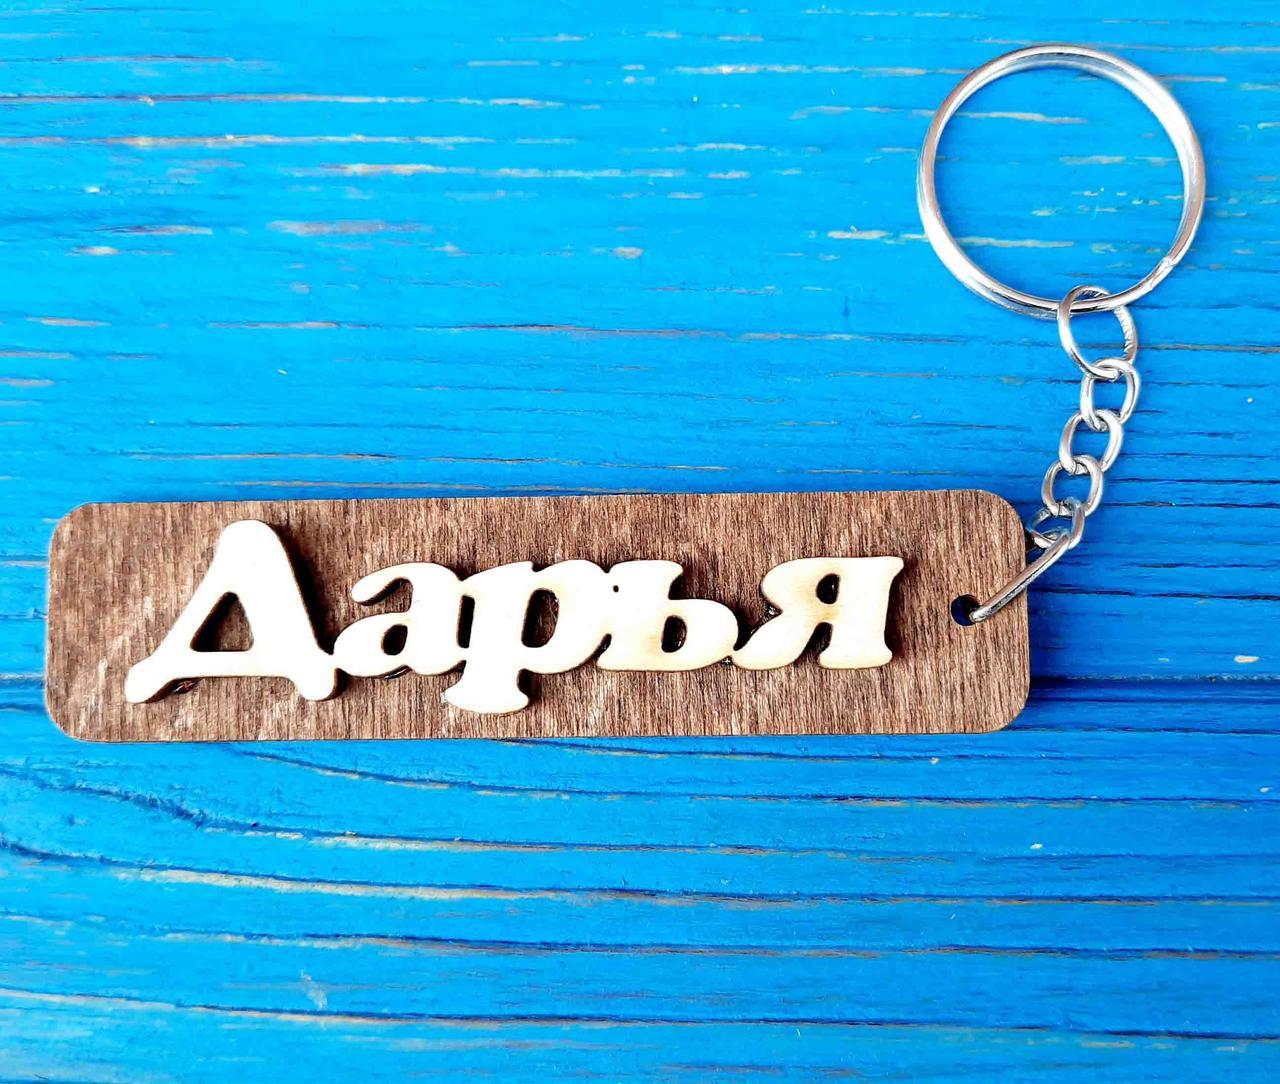 Брелок именной Дарья. Брелок с именем  Дарья. Брелок деревянный. Брелок для ключей. Брелоки с именами